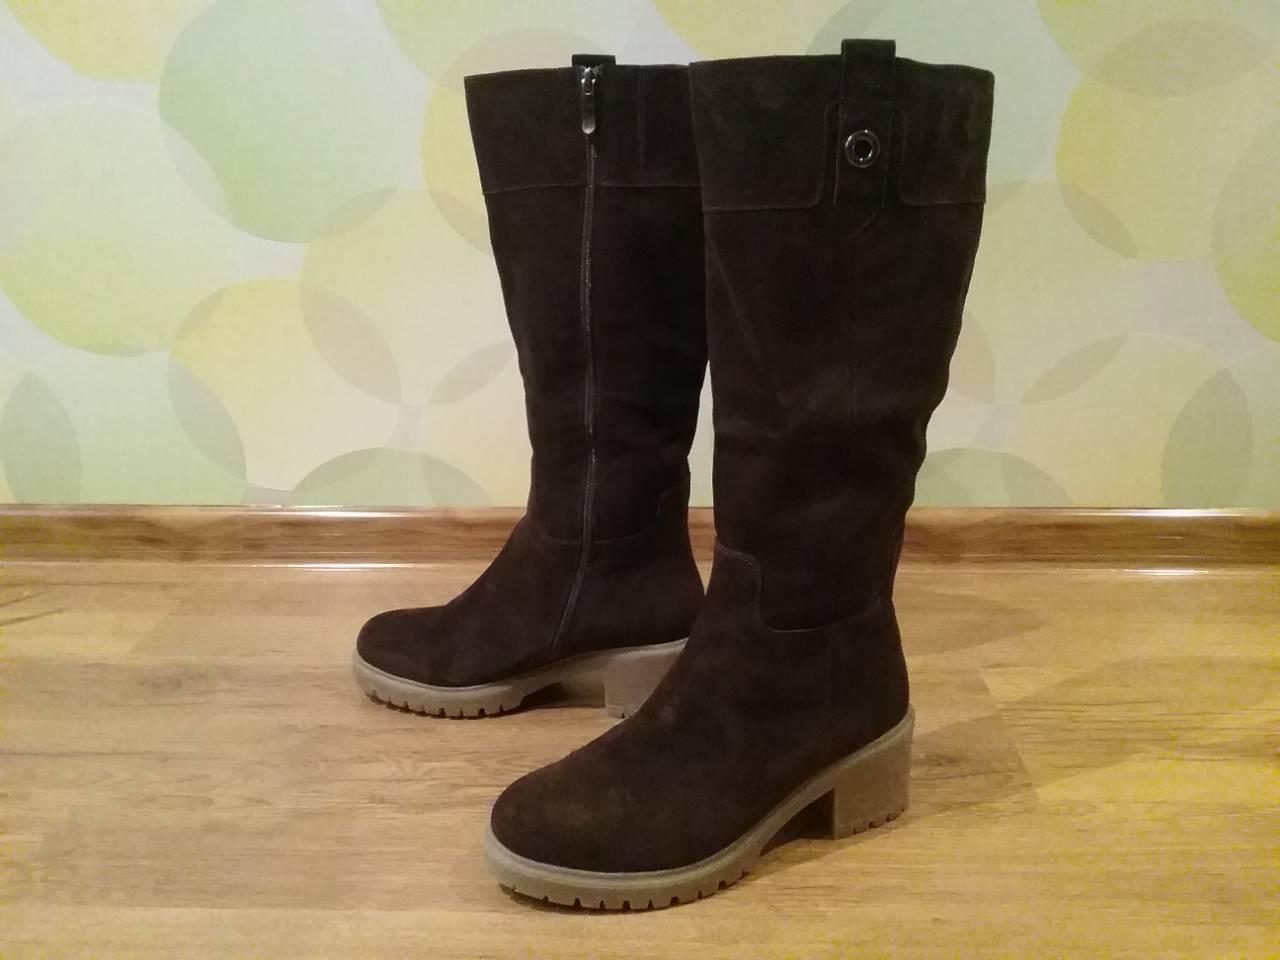 Сапоги женские замшевые , евро зима. 39 размер. Новые